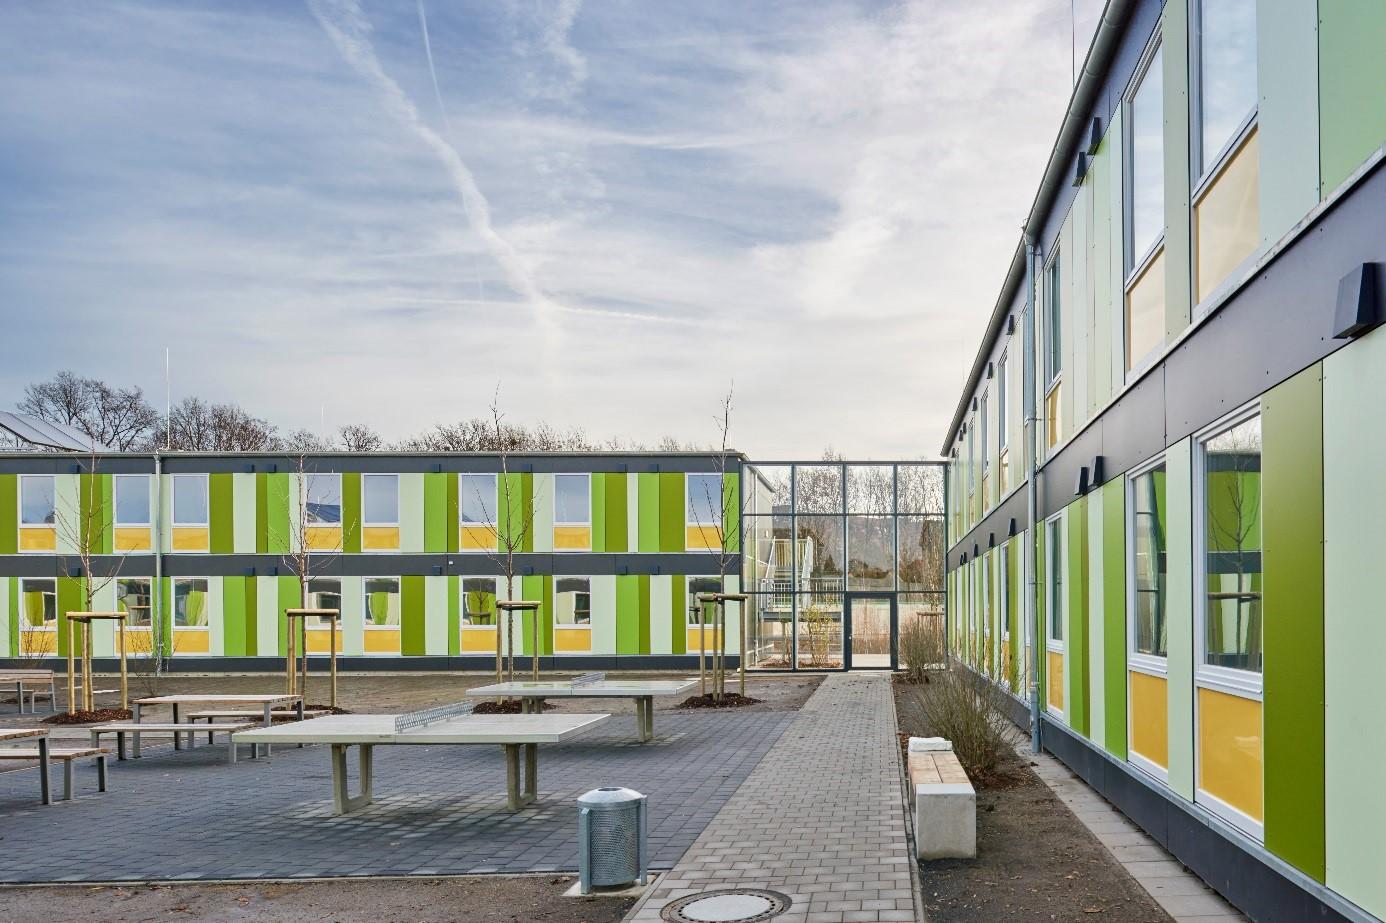 Wohnheim Am Nordhang: Neuer Wohnraum für Geflüchtete in Hannover